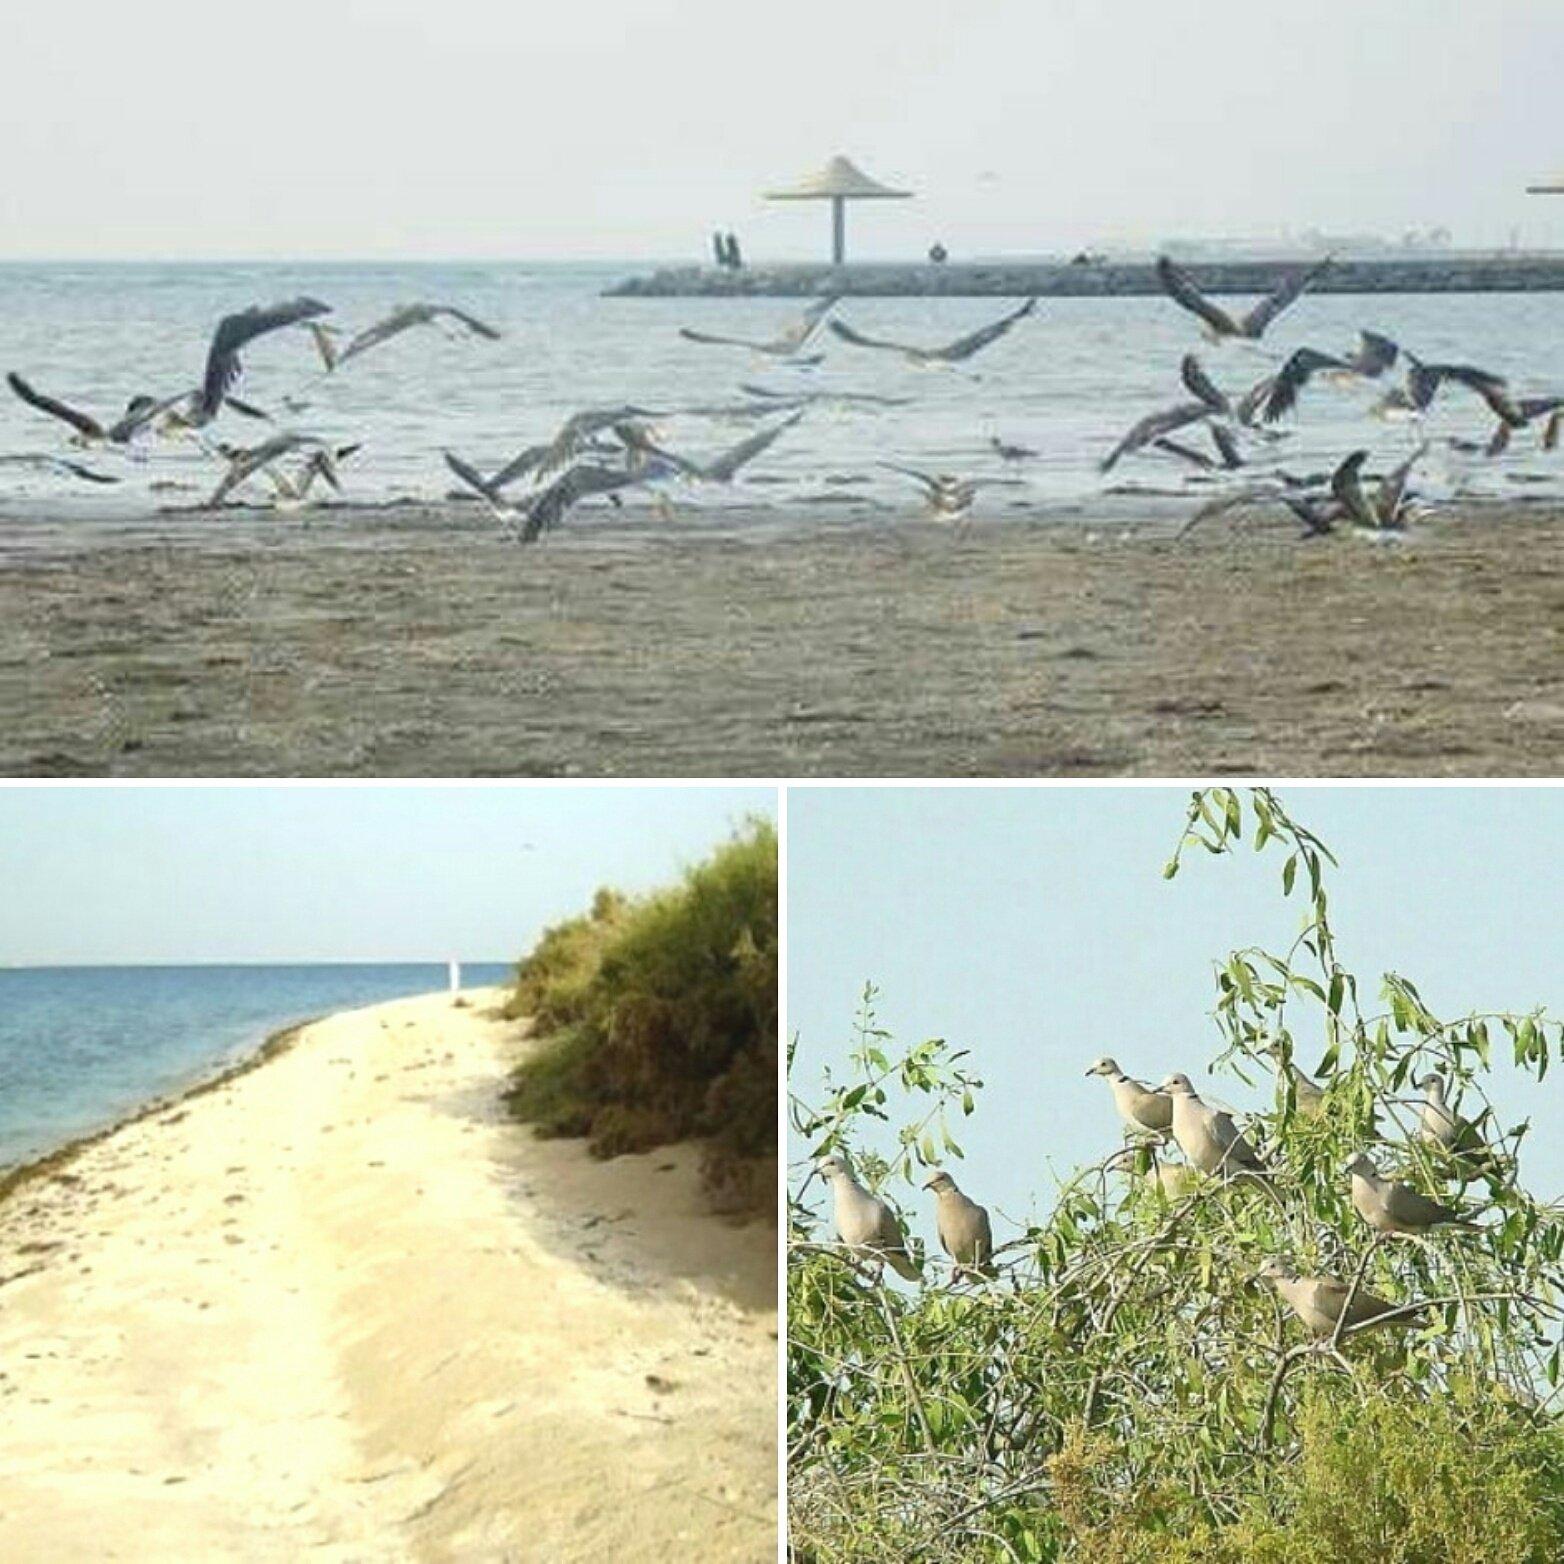 القنفذة نت على تويتر جزيرة ام القماري واجهة القنفذة السياحية ووجهة الطيور المهاجرة Https T Co M9mpf42xgq القنفذة المظيلف القوز حلي السياحة السعودية Https T Co Pmlwzumwzo